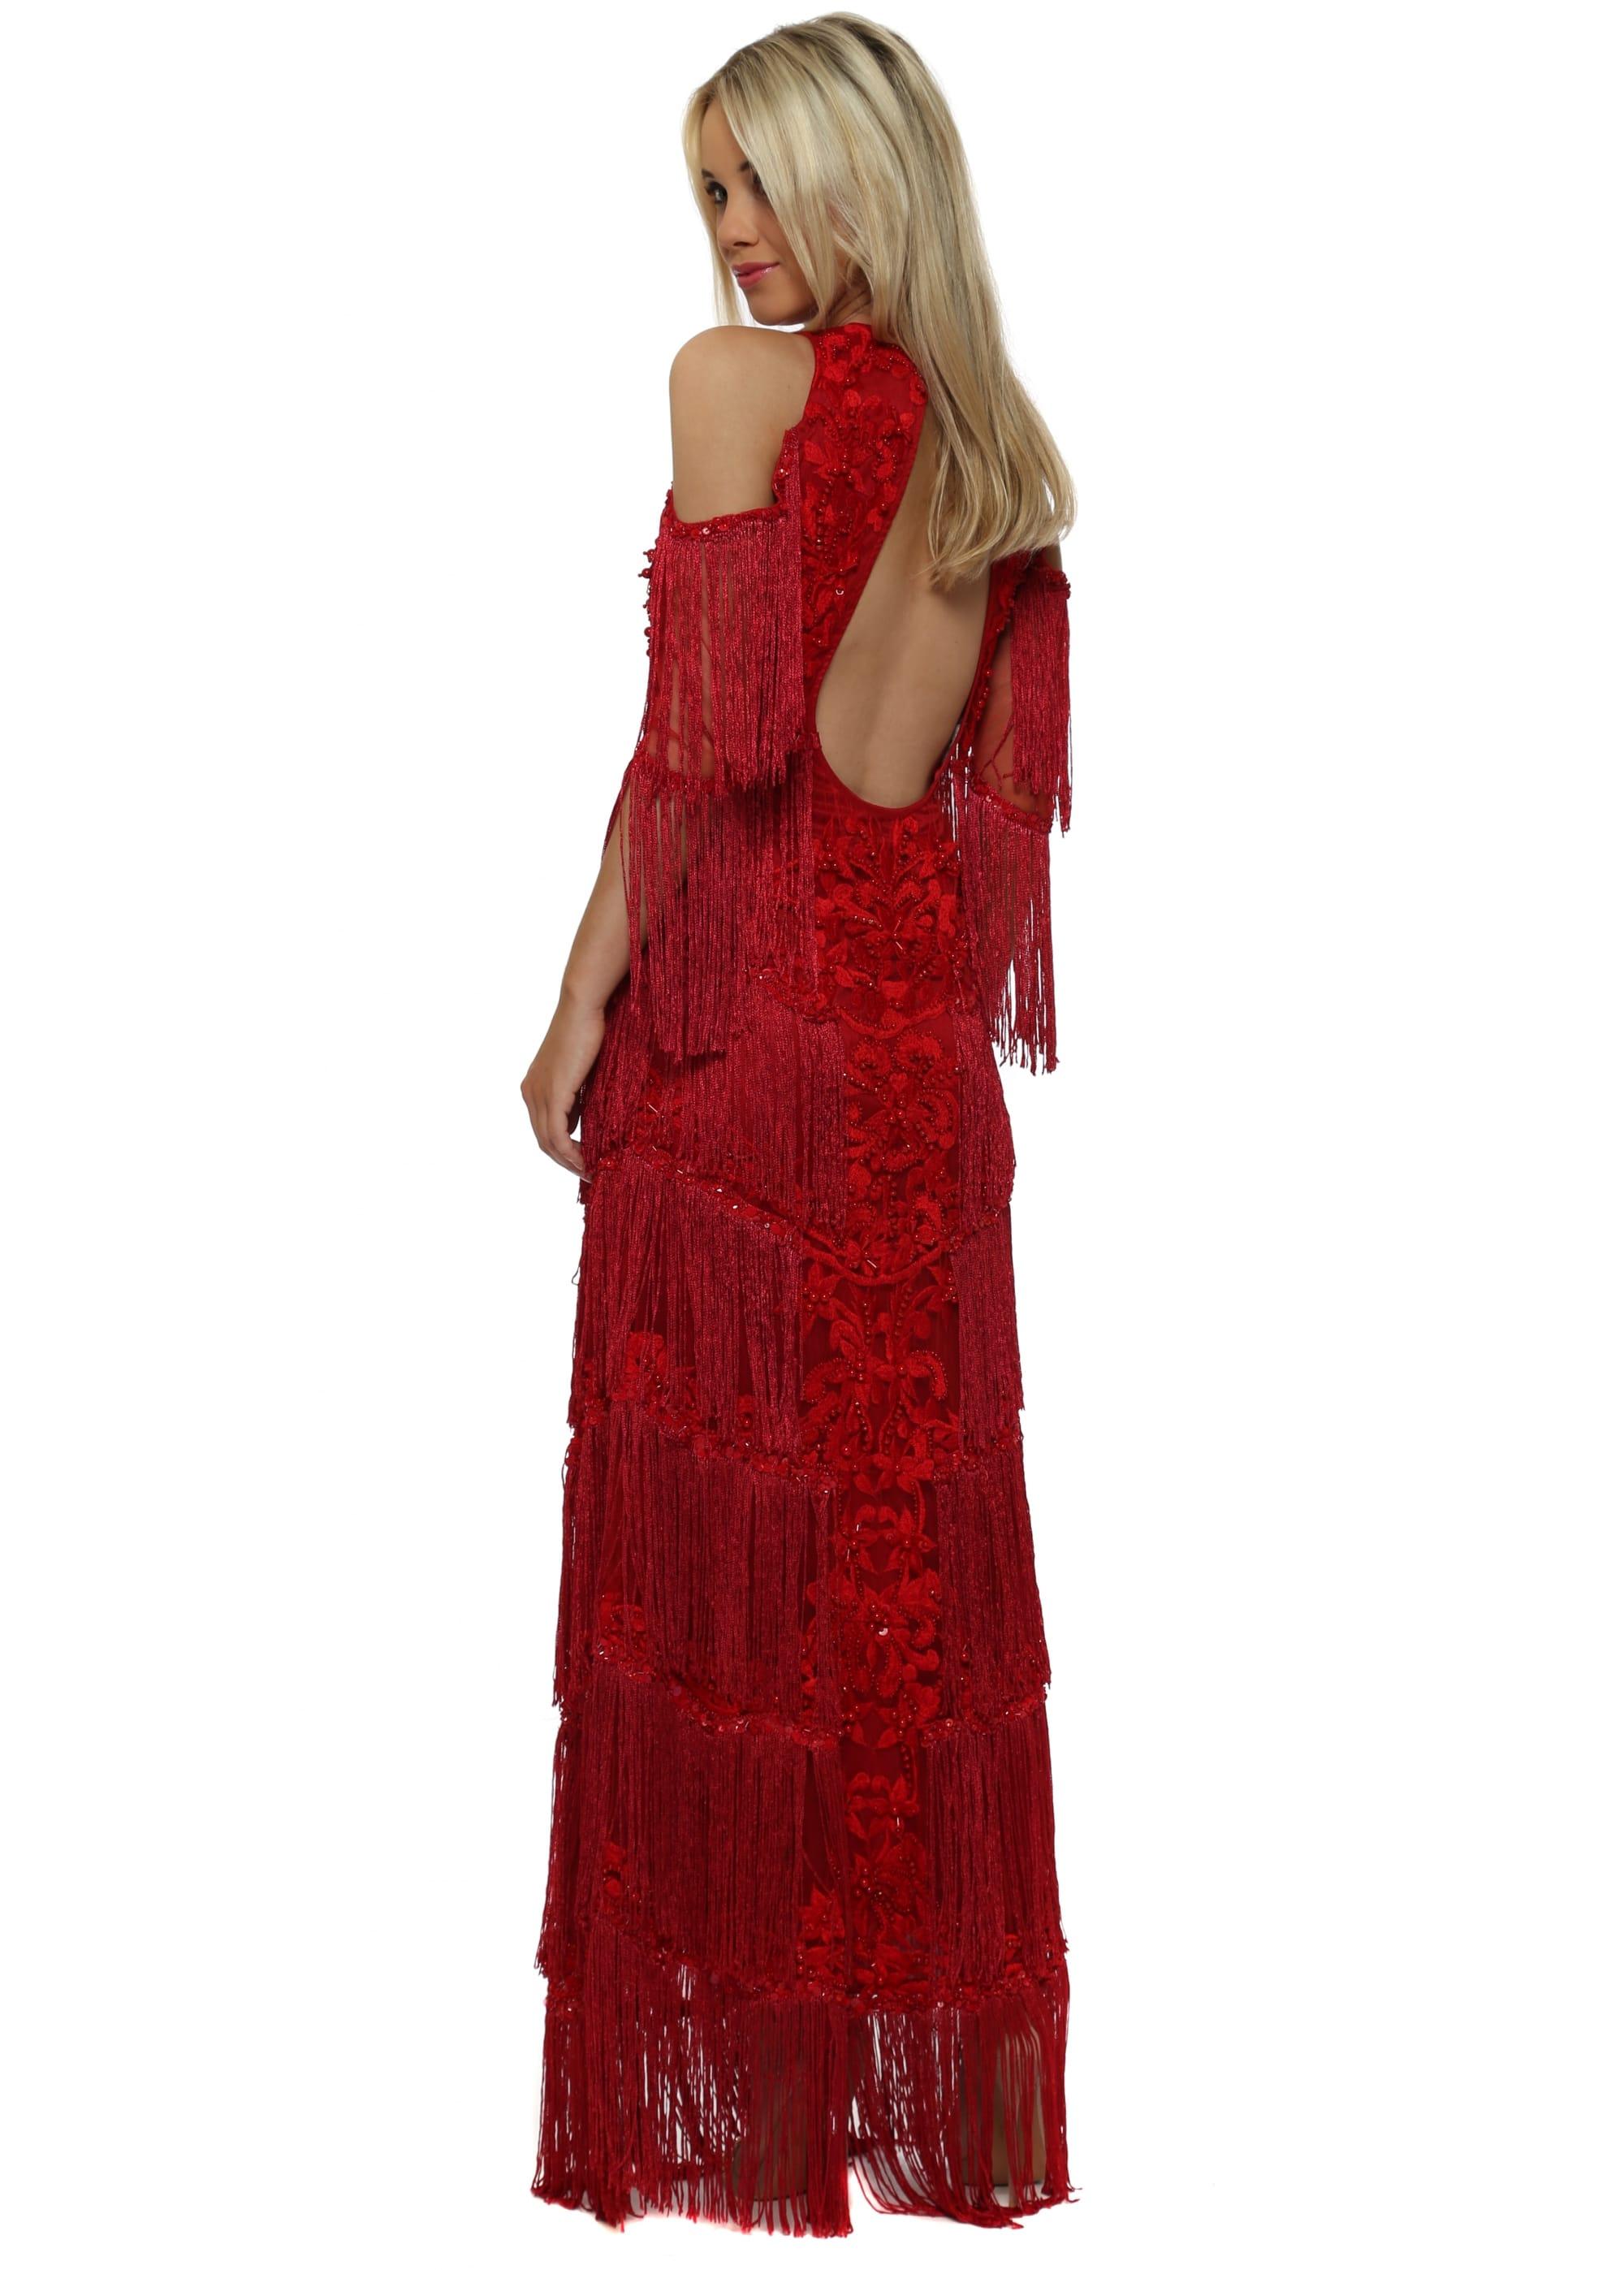 834941639e1 EXCLUSIVE Red Tassel Embellished Cold Shoulder Maxi Dress